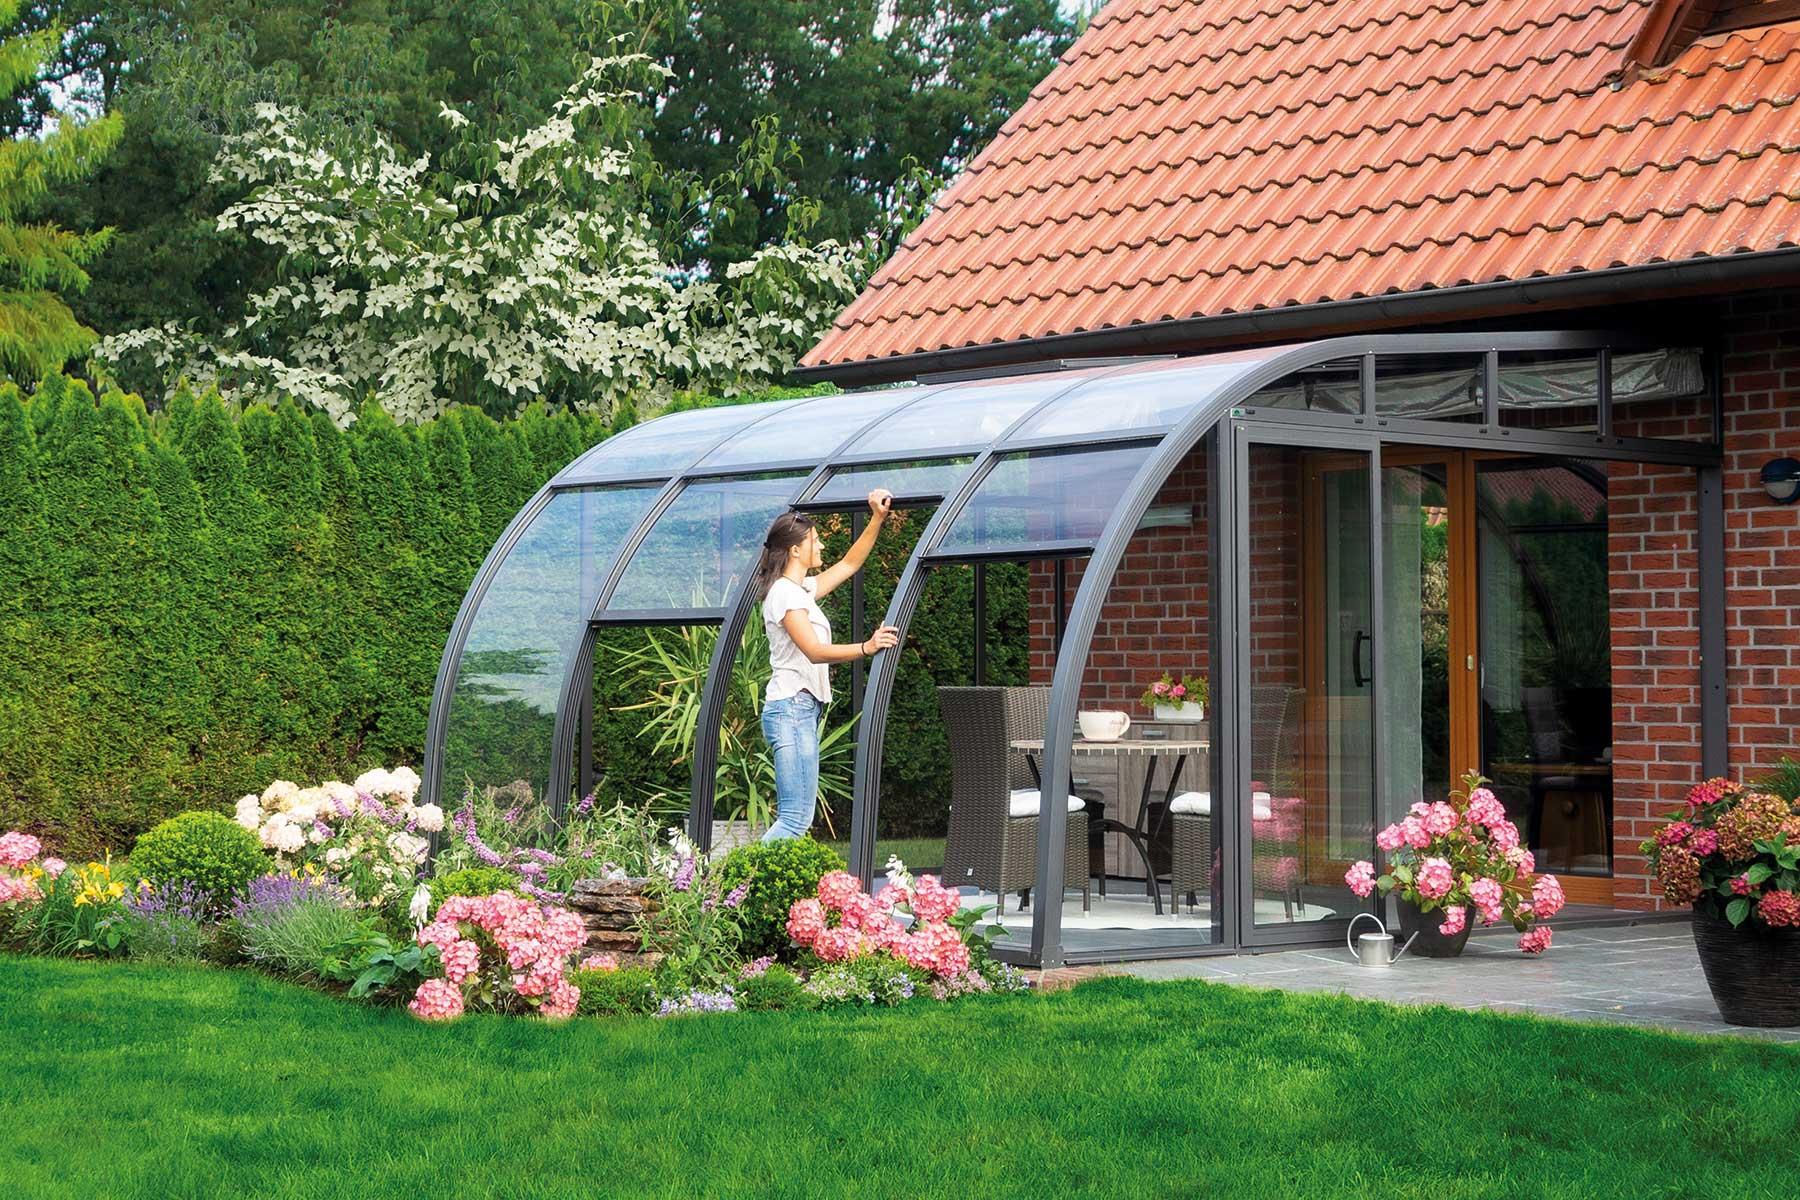 """Die Solarveranda """"Berlin"""" bietet für jeden Raumbedarf eine passende Lösung. Mit den erhältlichen Tiefen von 2,00 m, 3,00 m, 4,00 m und 5,00 m lässt sich die Überdachung sowohl für Balkone als auch für große Terrassen nutzen."""